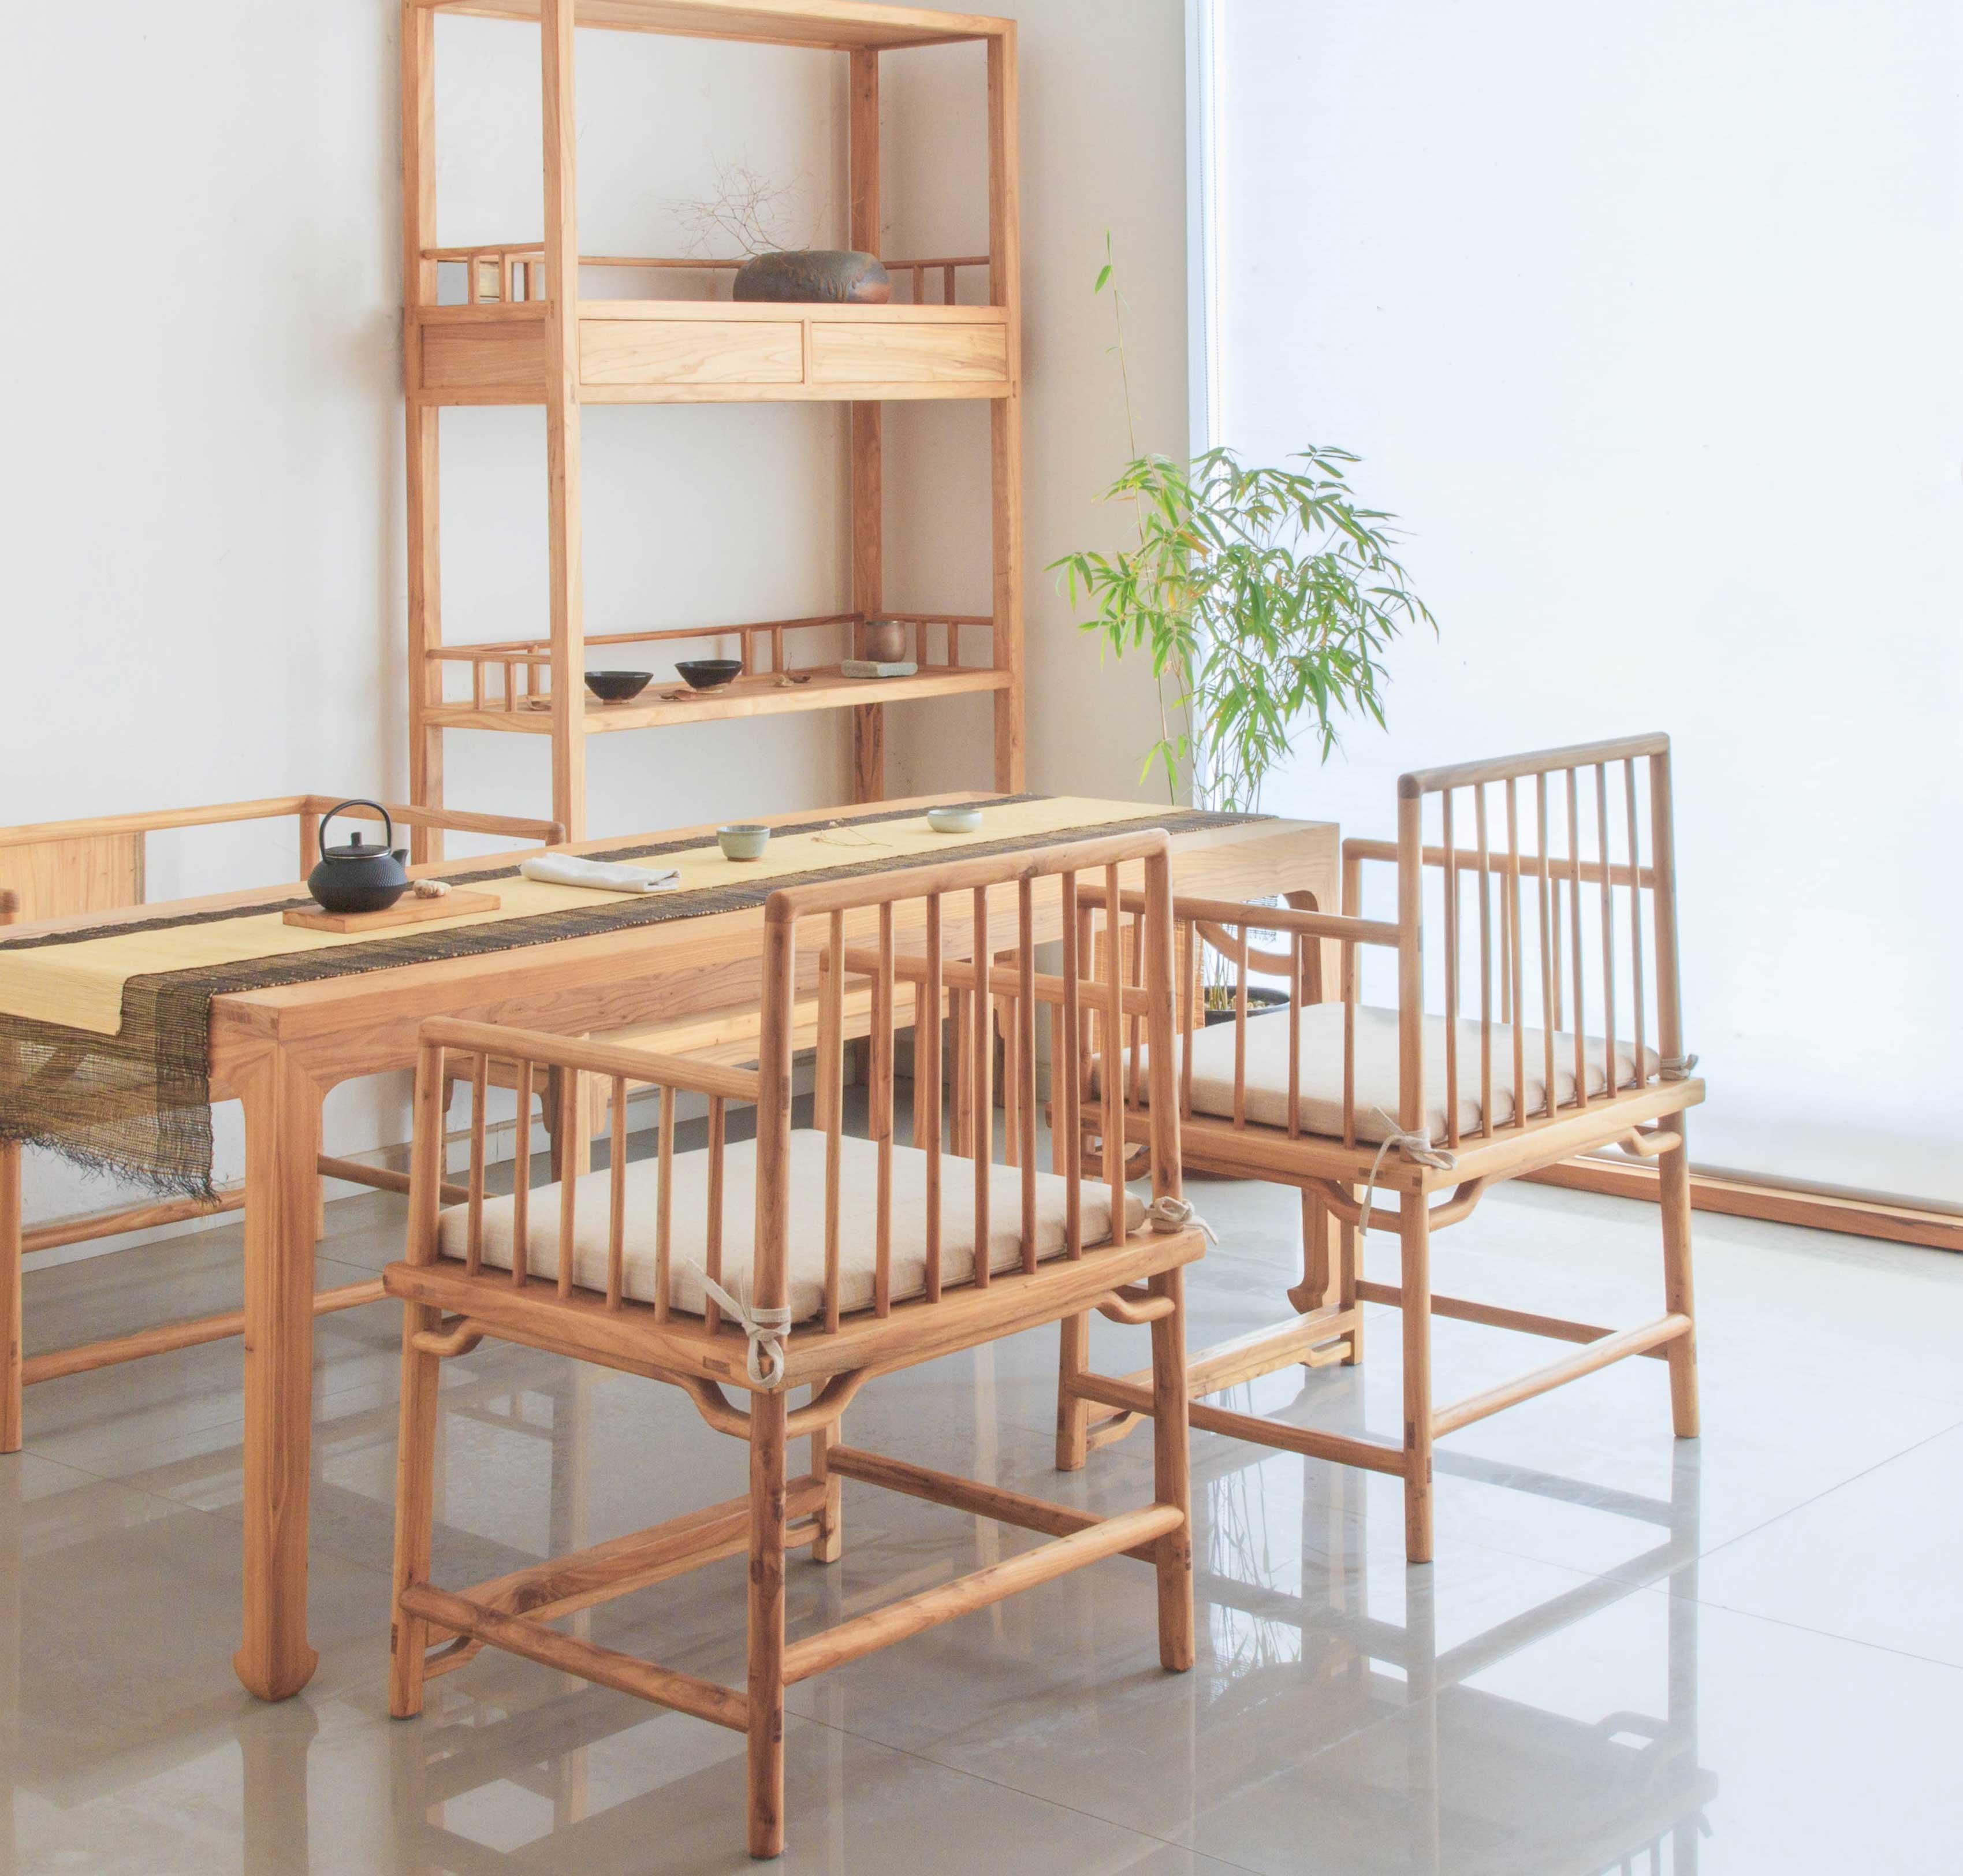 中式空间明式家具色泽幽雅、肌理华美、内向之气韵